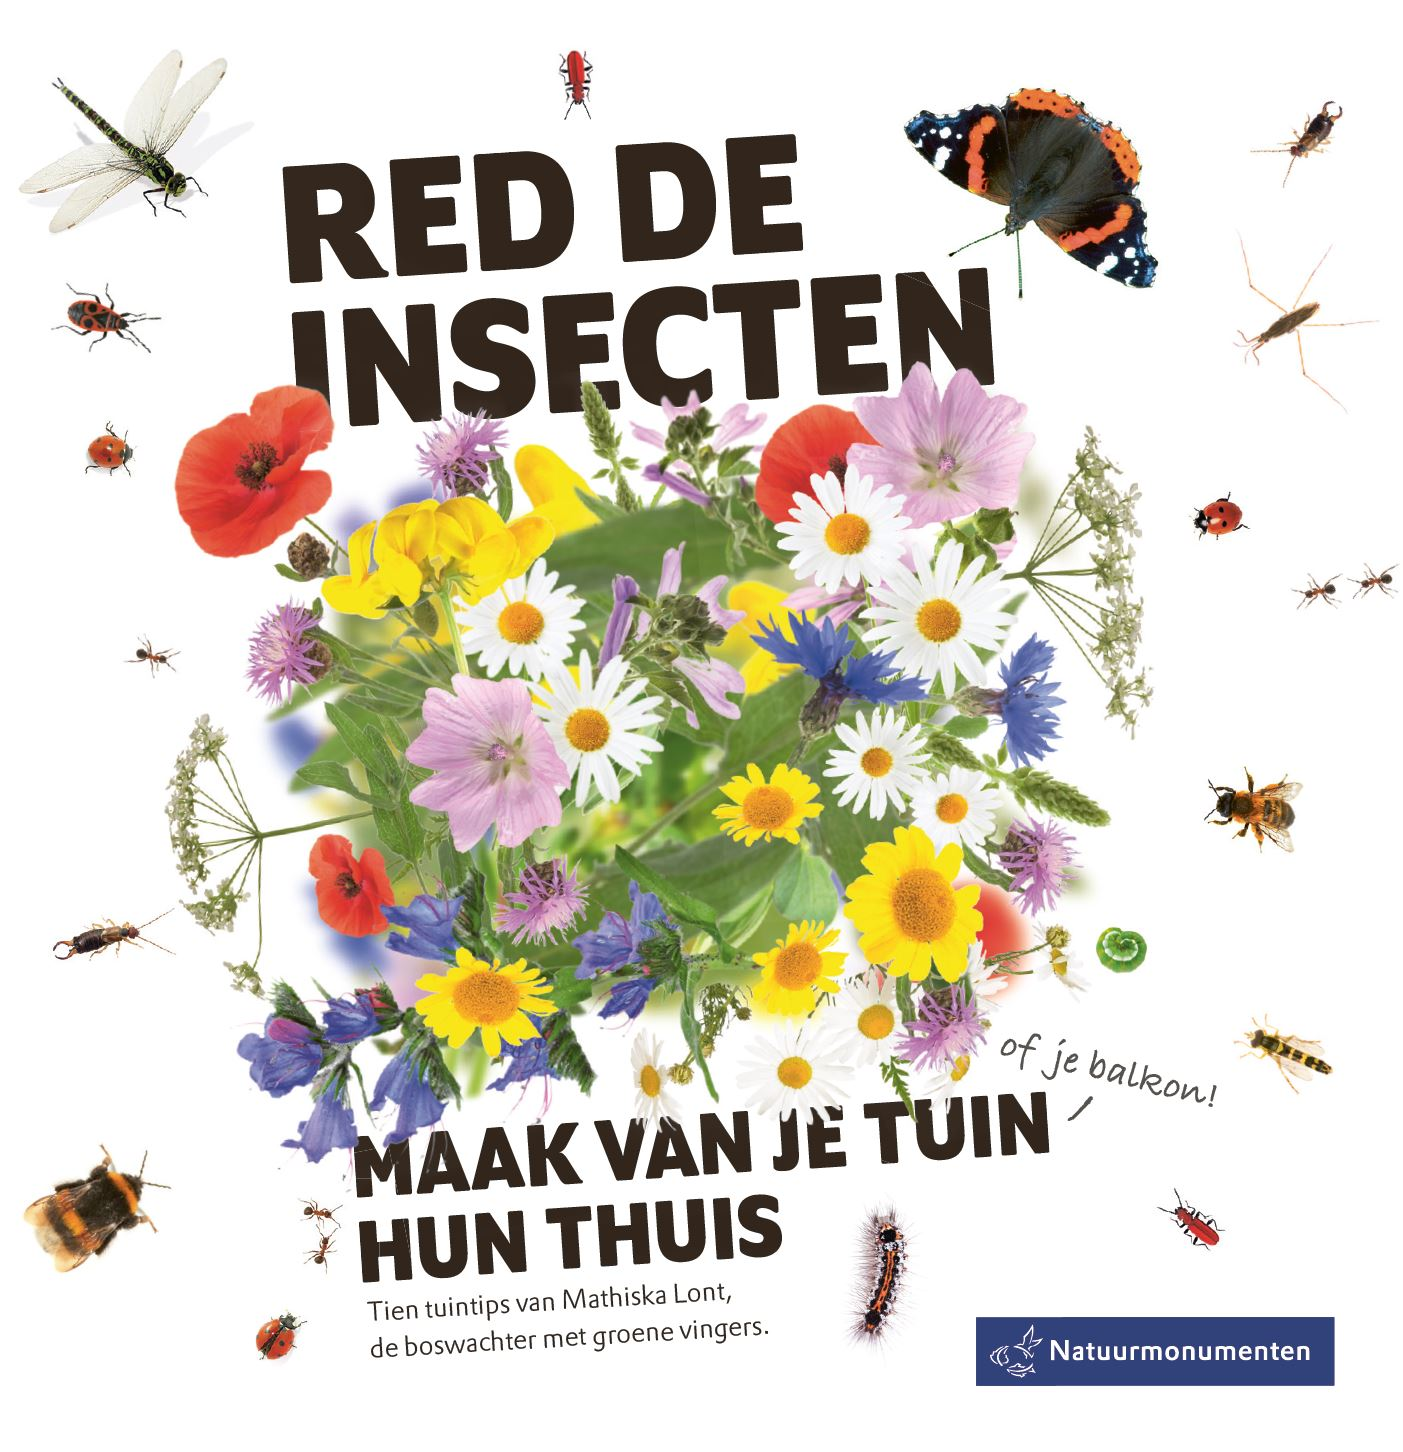 Red de insecten campagne